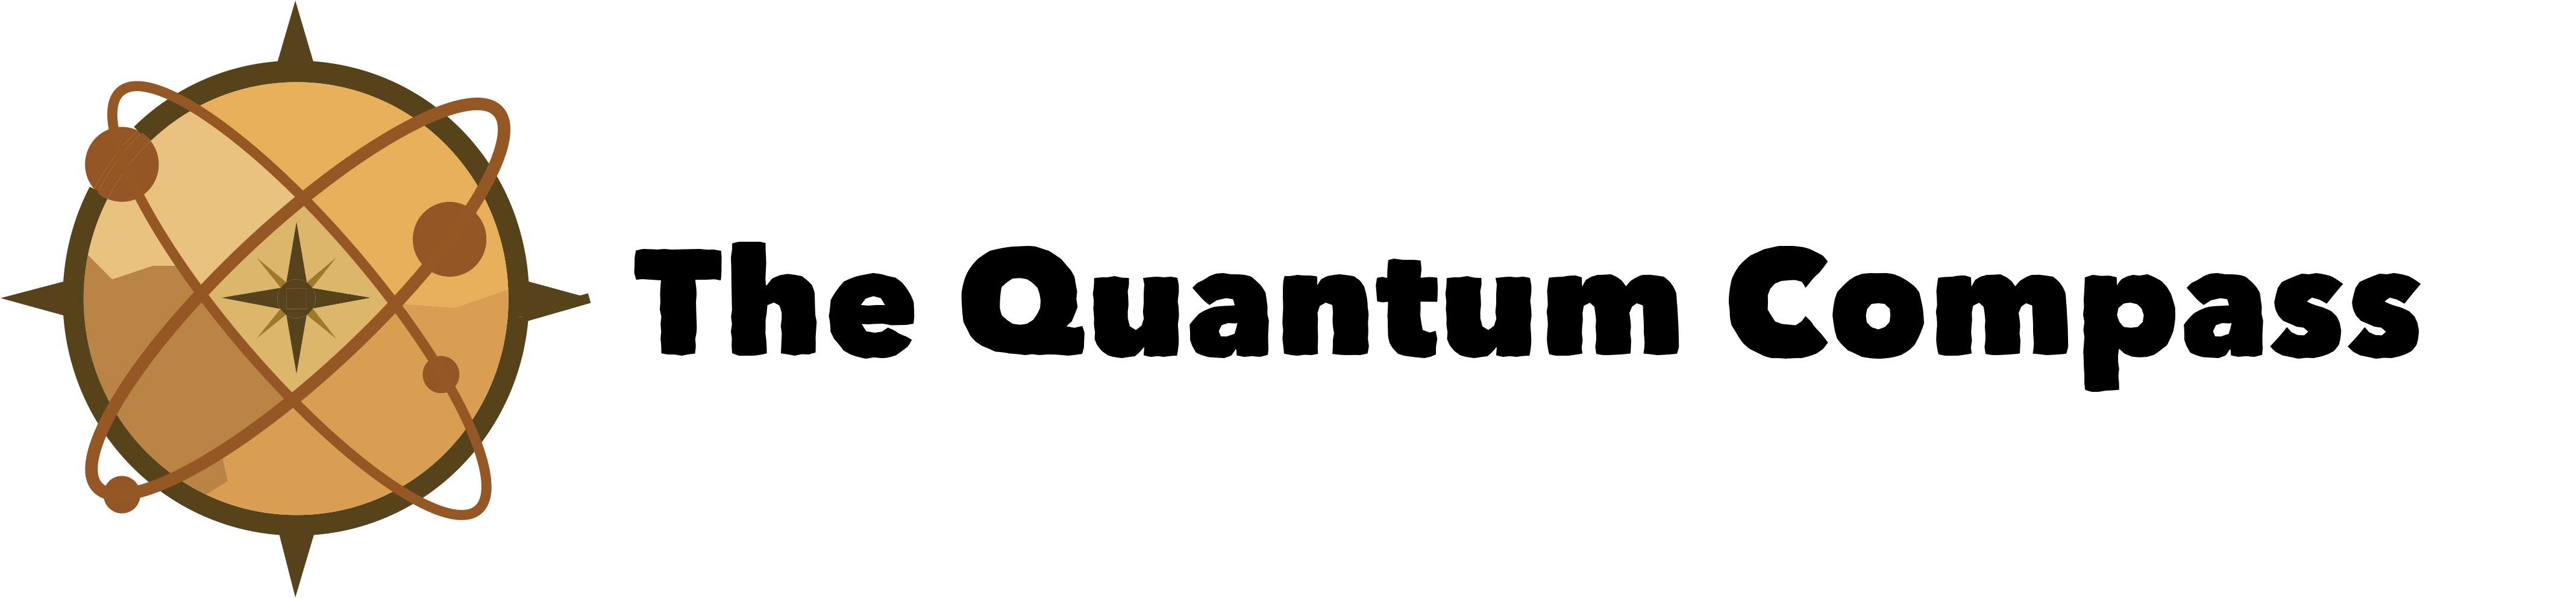 The Quantum Compass